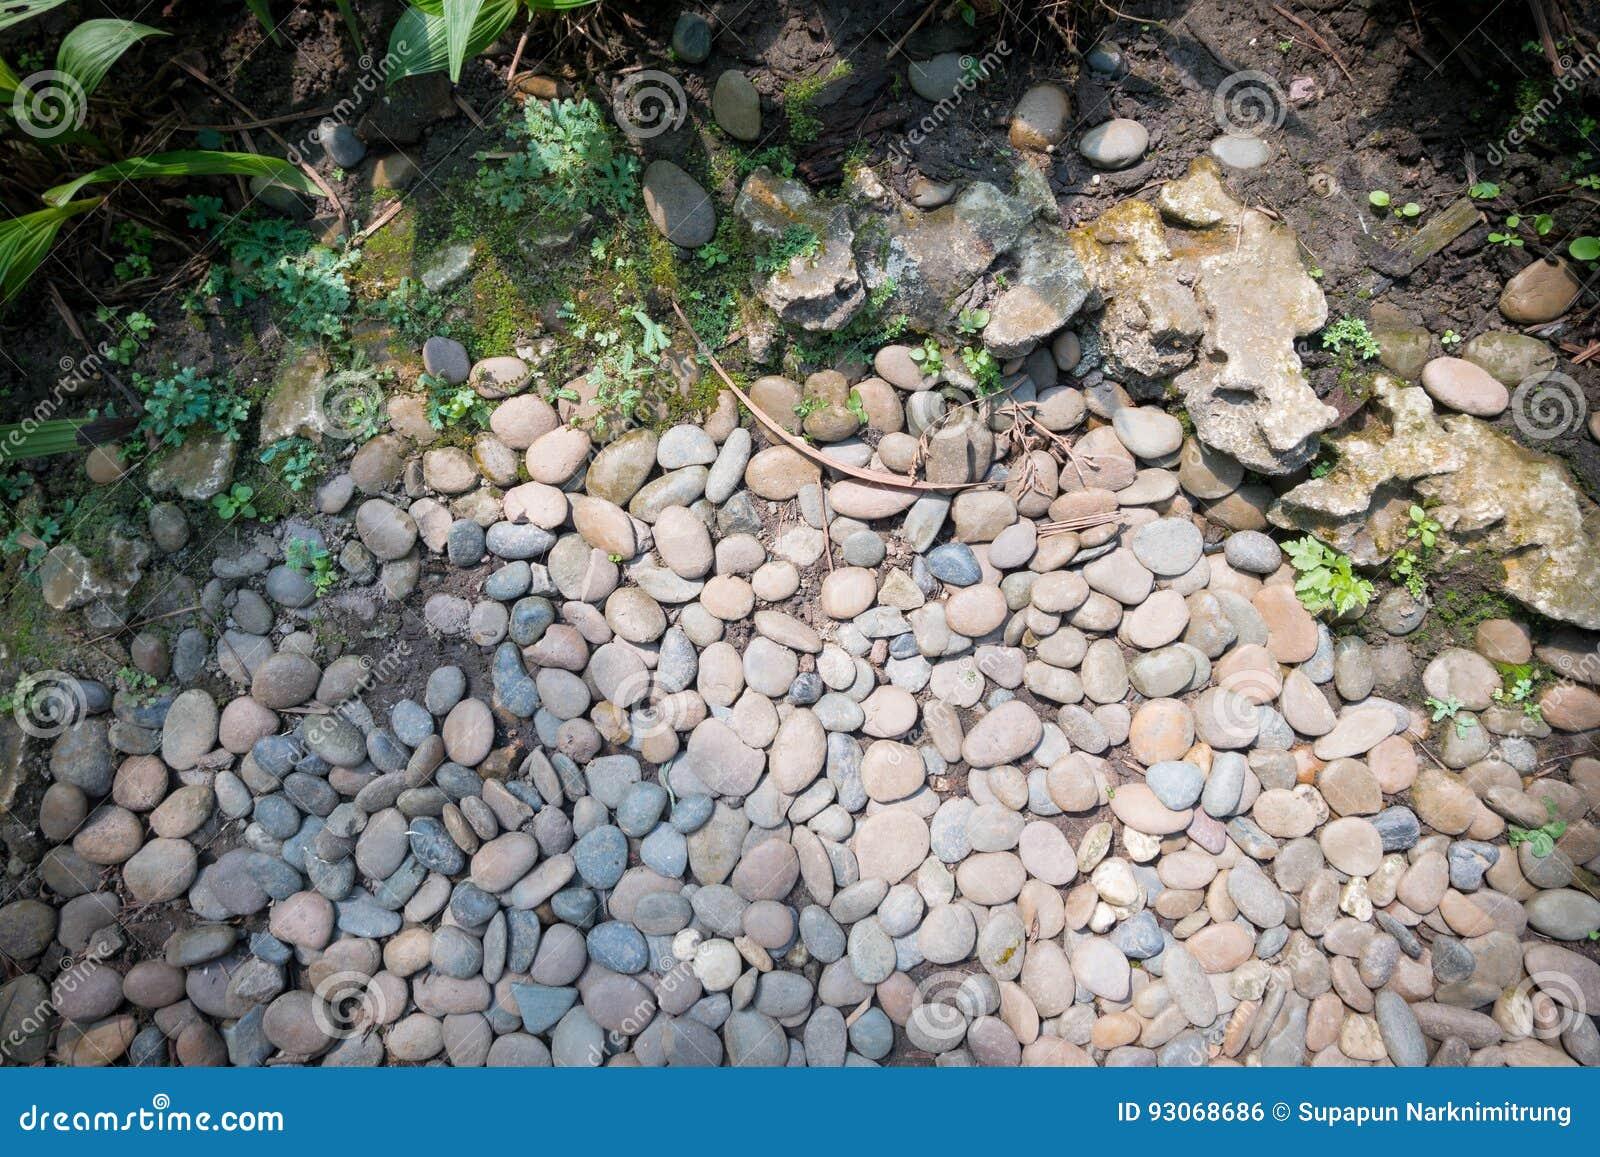 Διακοσμητική πέτρα, υπόβαθρο κήπων πράσινων εγκαταστάσεων στρογγυλό φως της ημέρας σύστασης χαλικιών